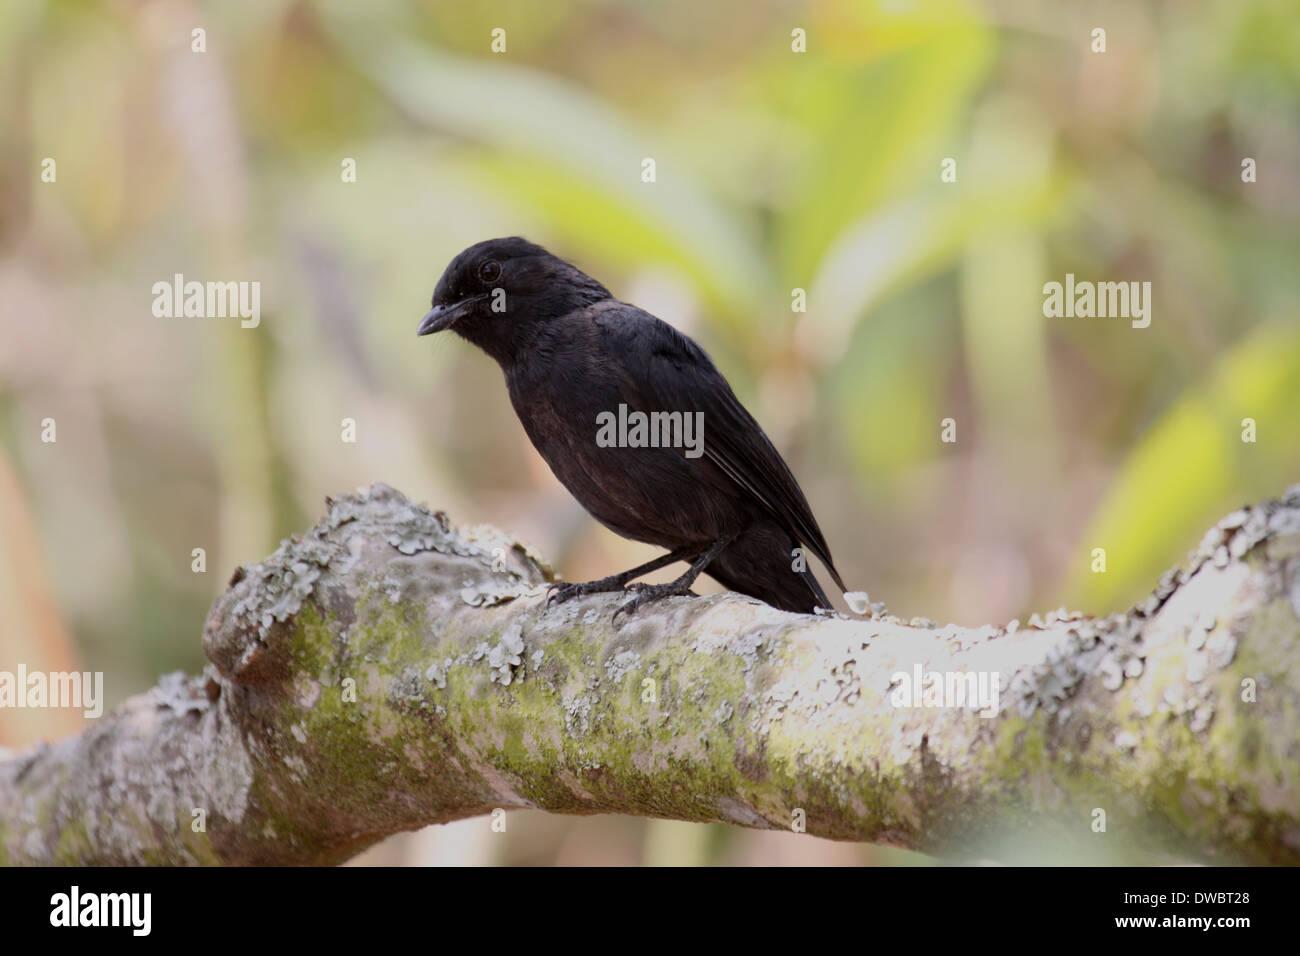 Northern black flycatcher in Uganda - Stock Image